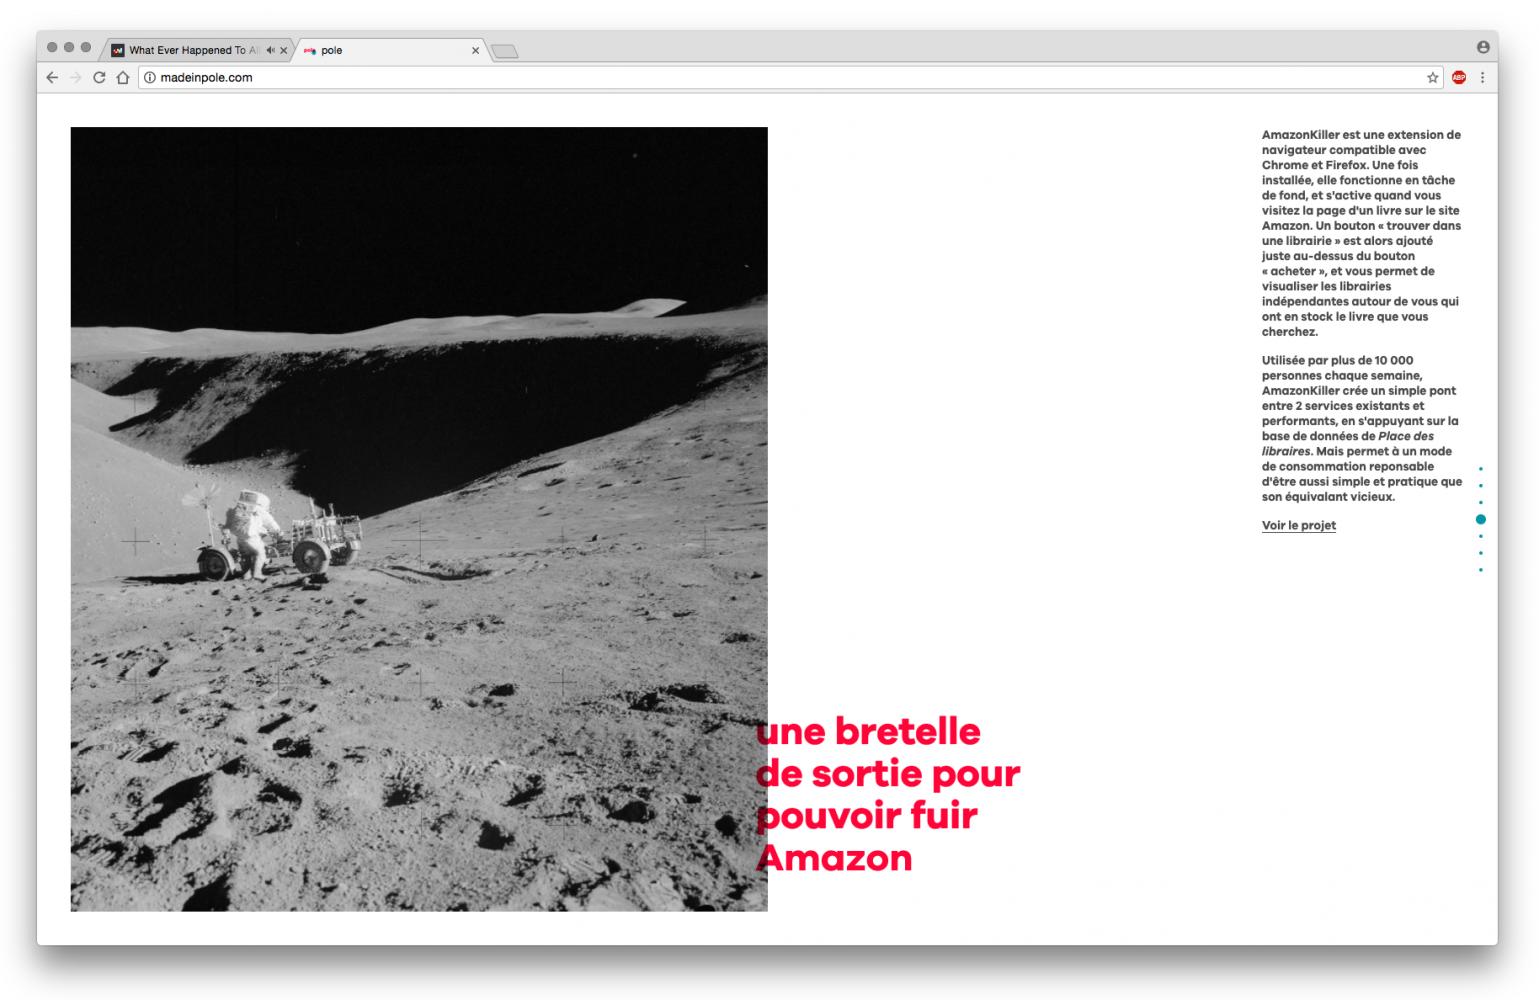 Capture d'écran 2017-01-13 à 00.11.57 - copie